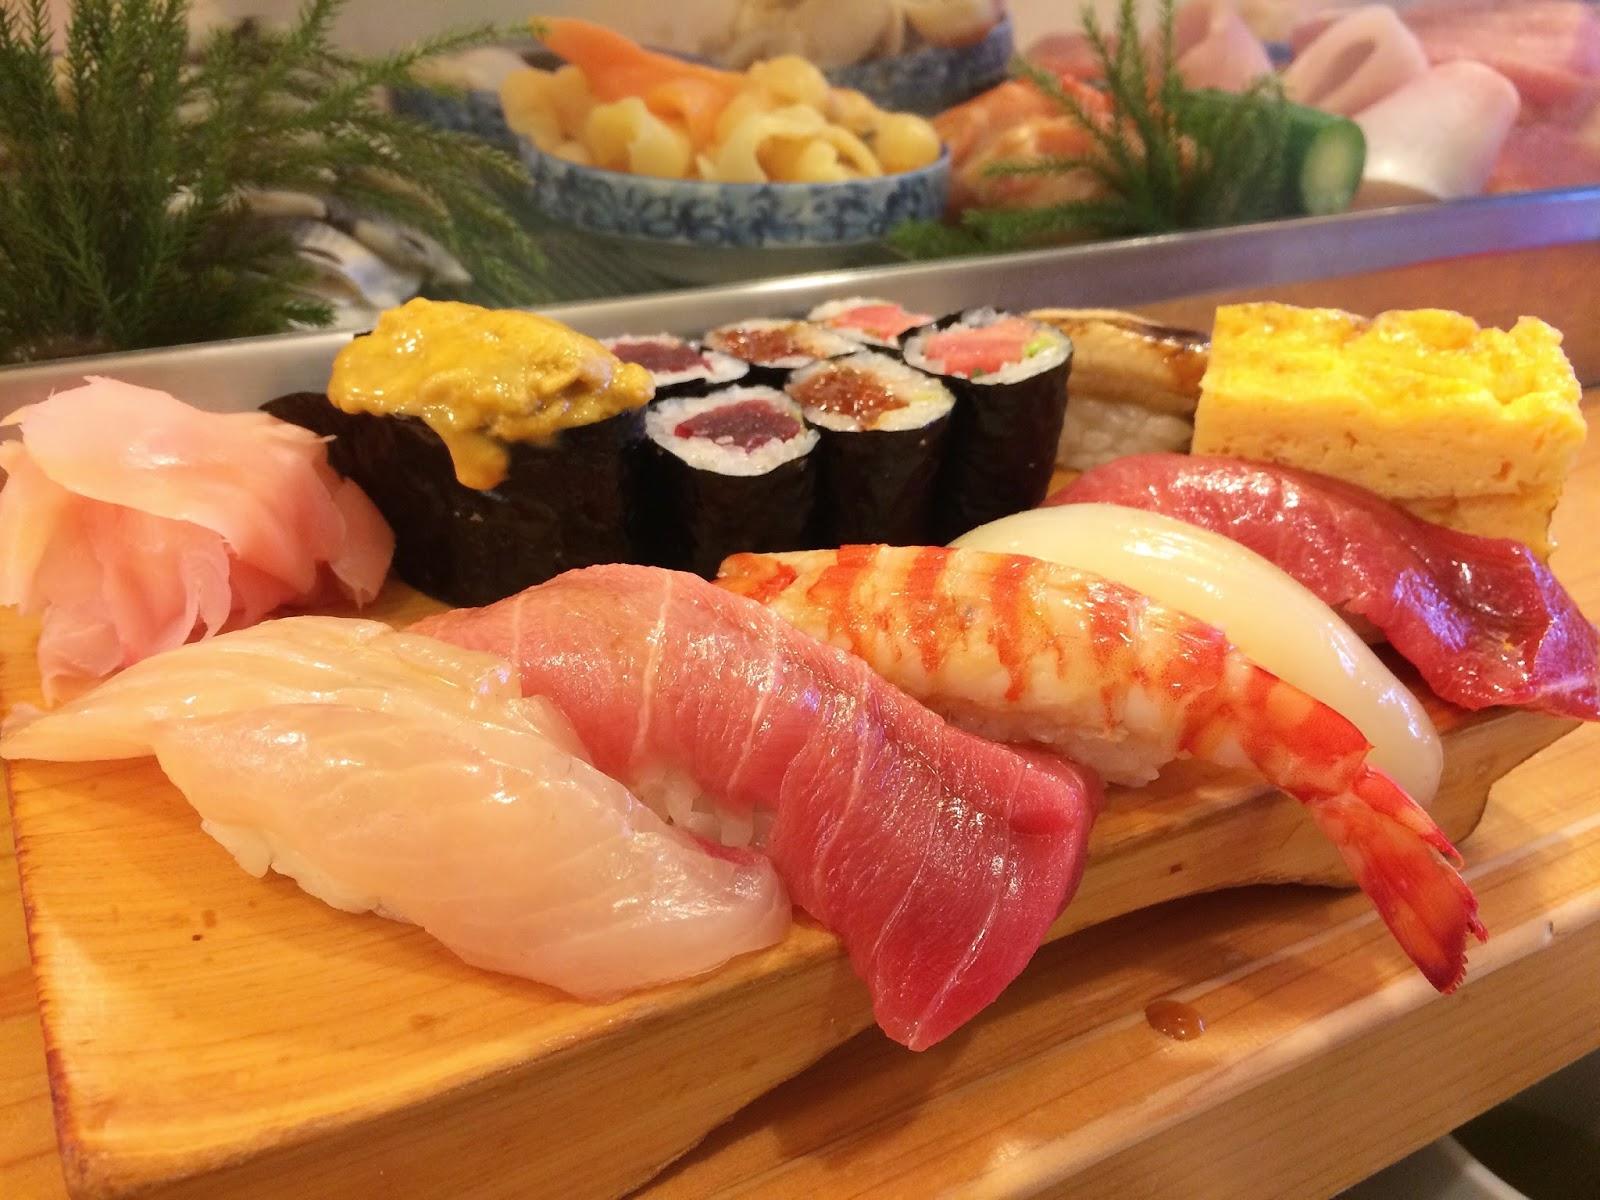 [ 東京 ] 大和壽司 新鮮漁獲的握壽司 築地市場 : 胖大叔 Mr. Fat Uncle